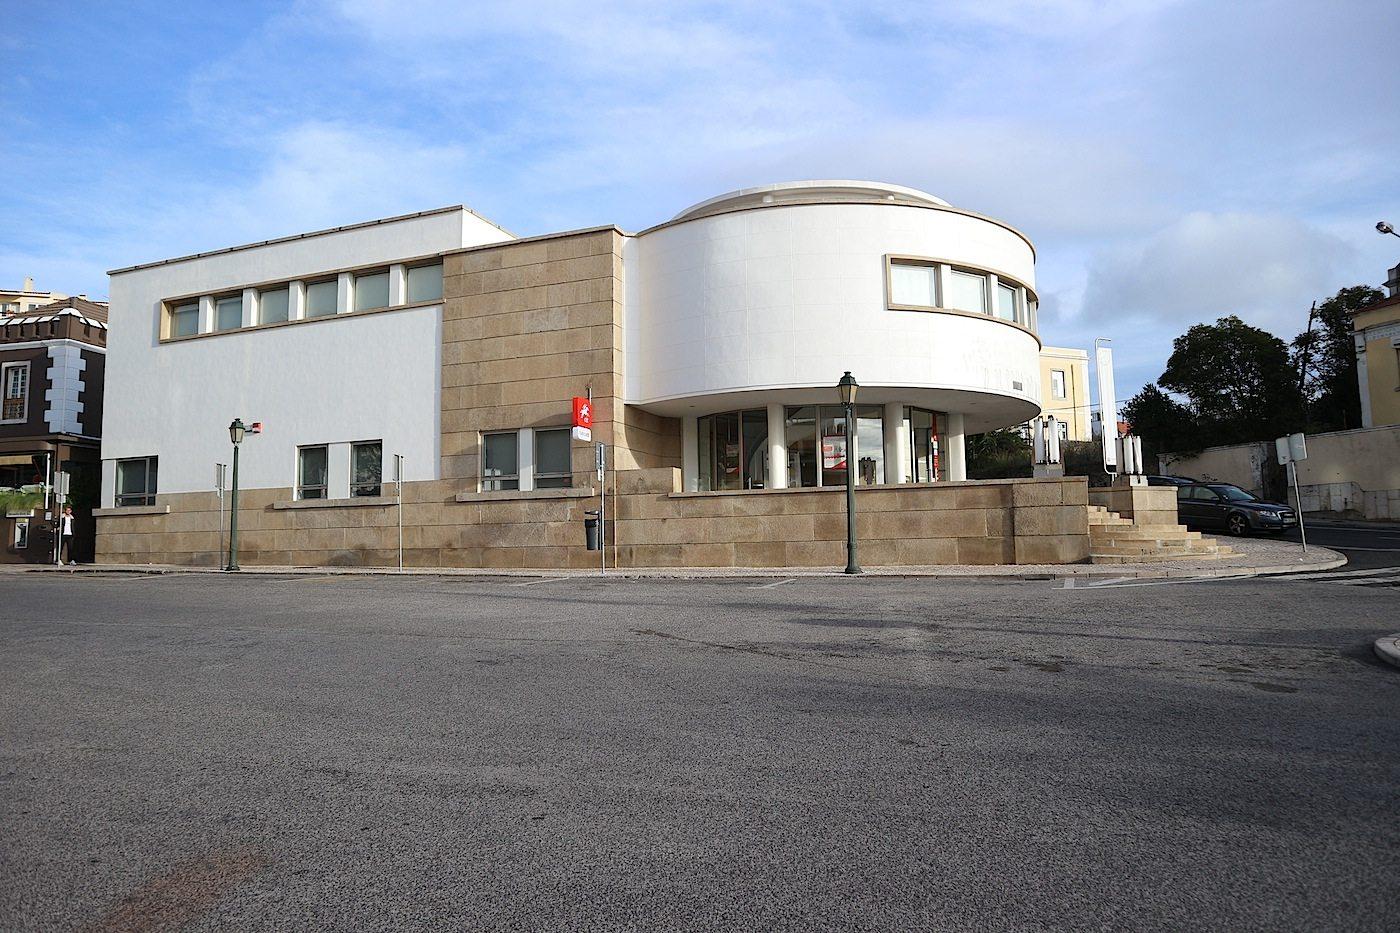 Postamt Estoril. Der Bau wie viele andere aus jener Ära stand für die moderne Architektursprache des